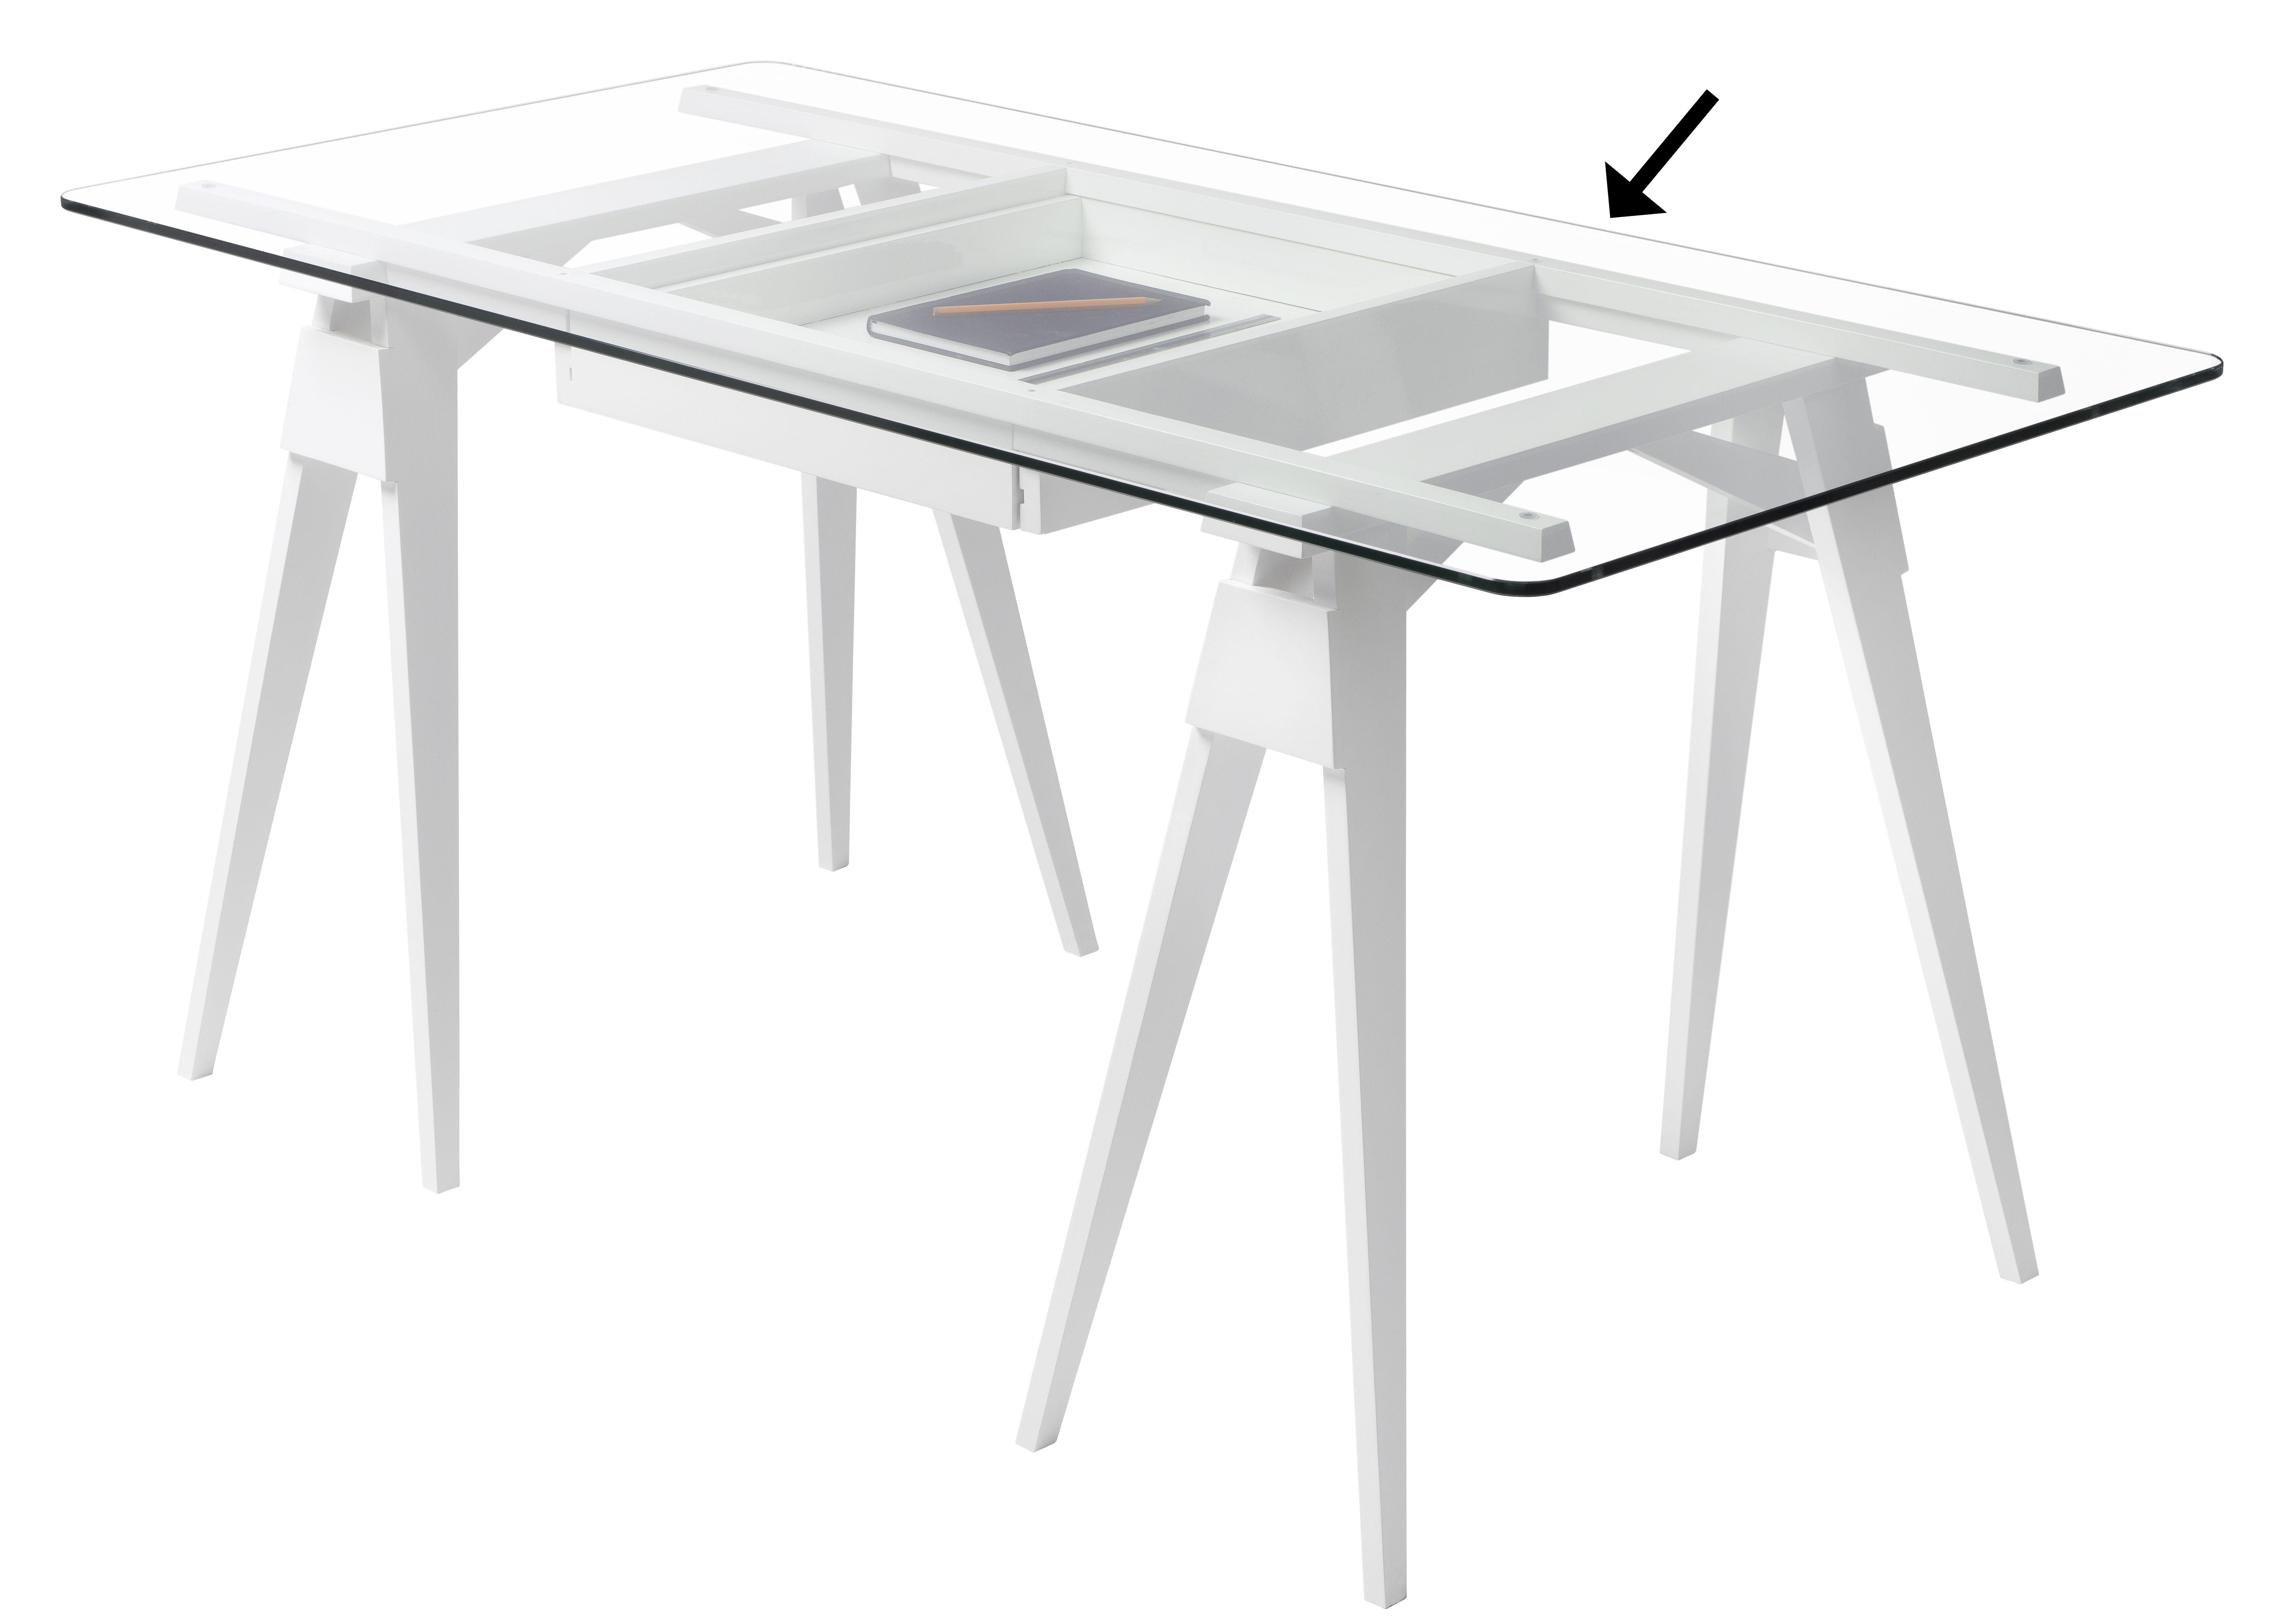 Mobilier - Bureaux - Plateau verre / Pour bureau Arco - 150 x 75 cm - Design House Stockholm - Plateau / Verre transparent - Verre trempé